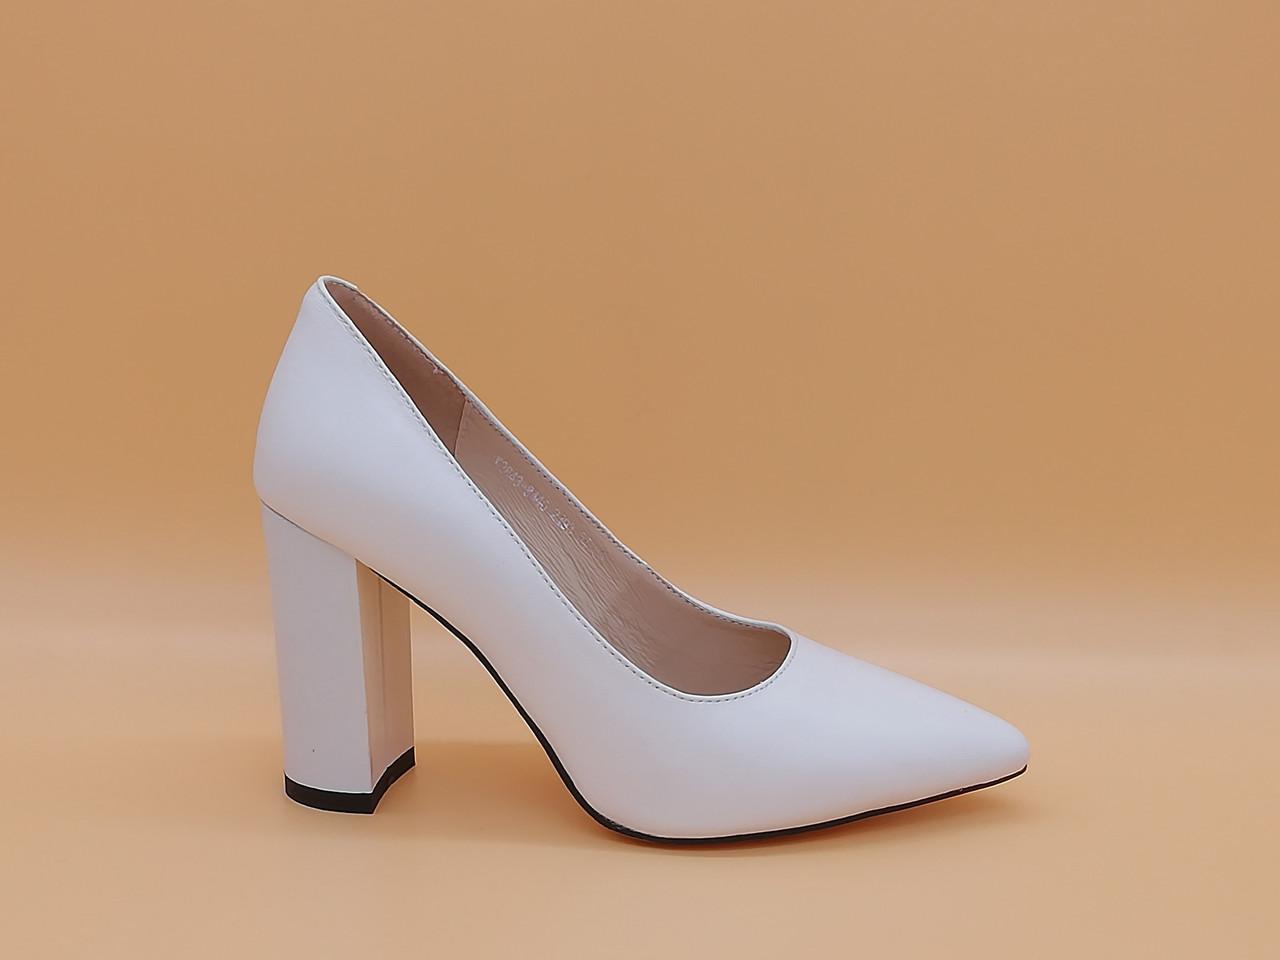 Белые кожаные туфли на каблуке .Маленькие ( 33 - 35 ) размеры.